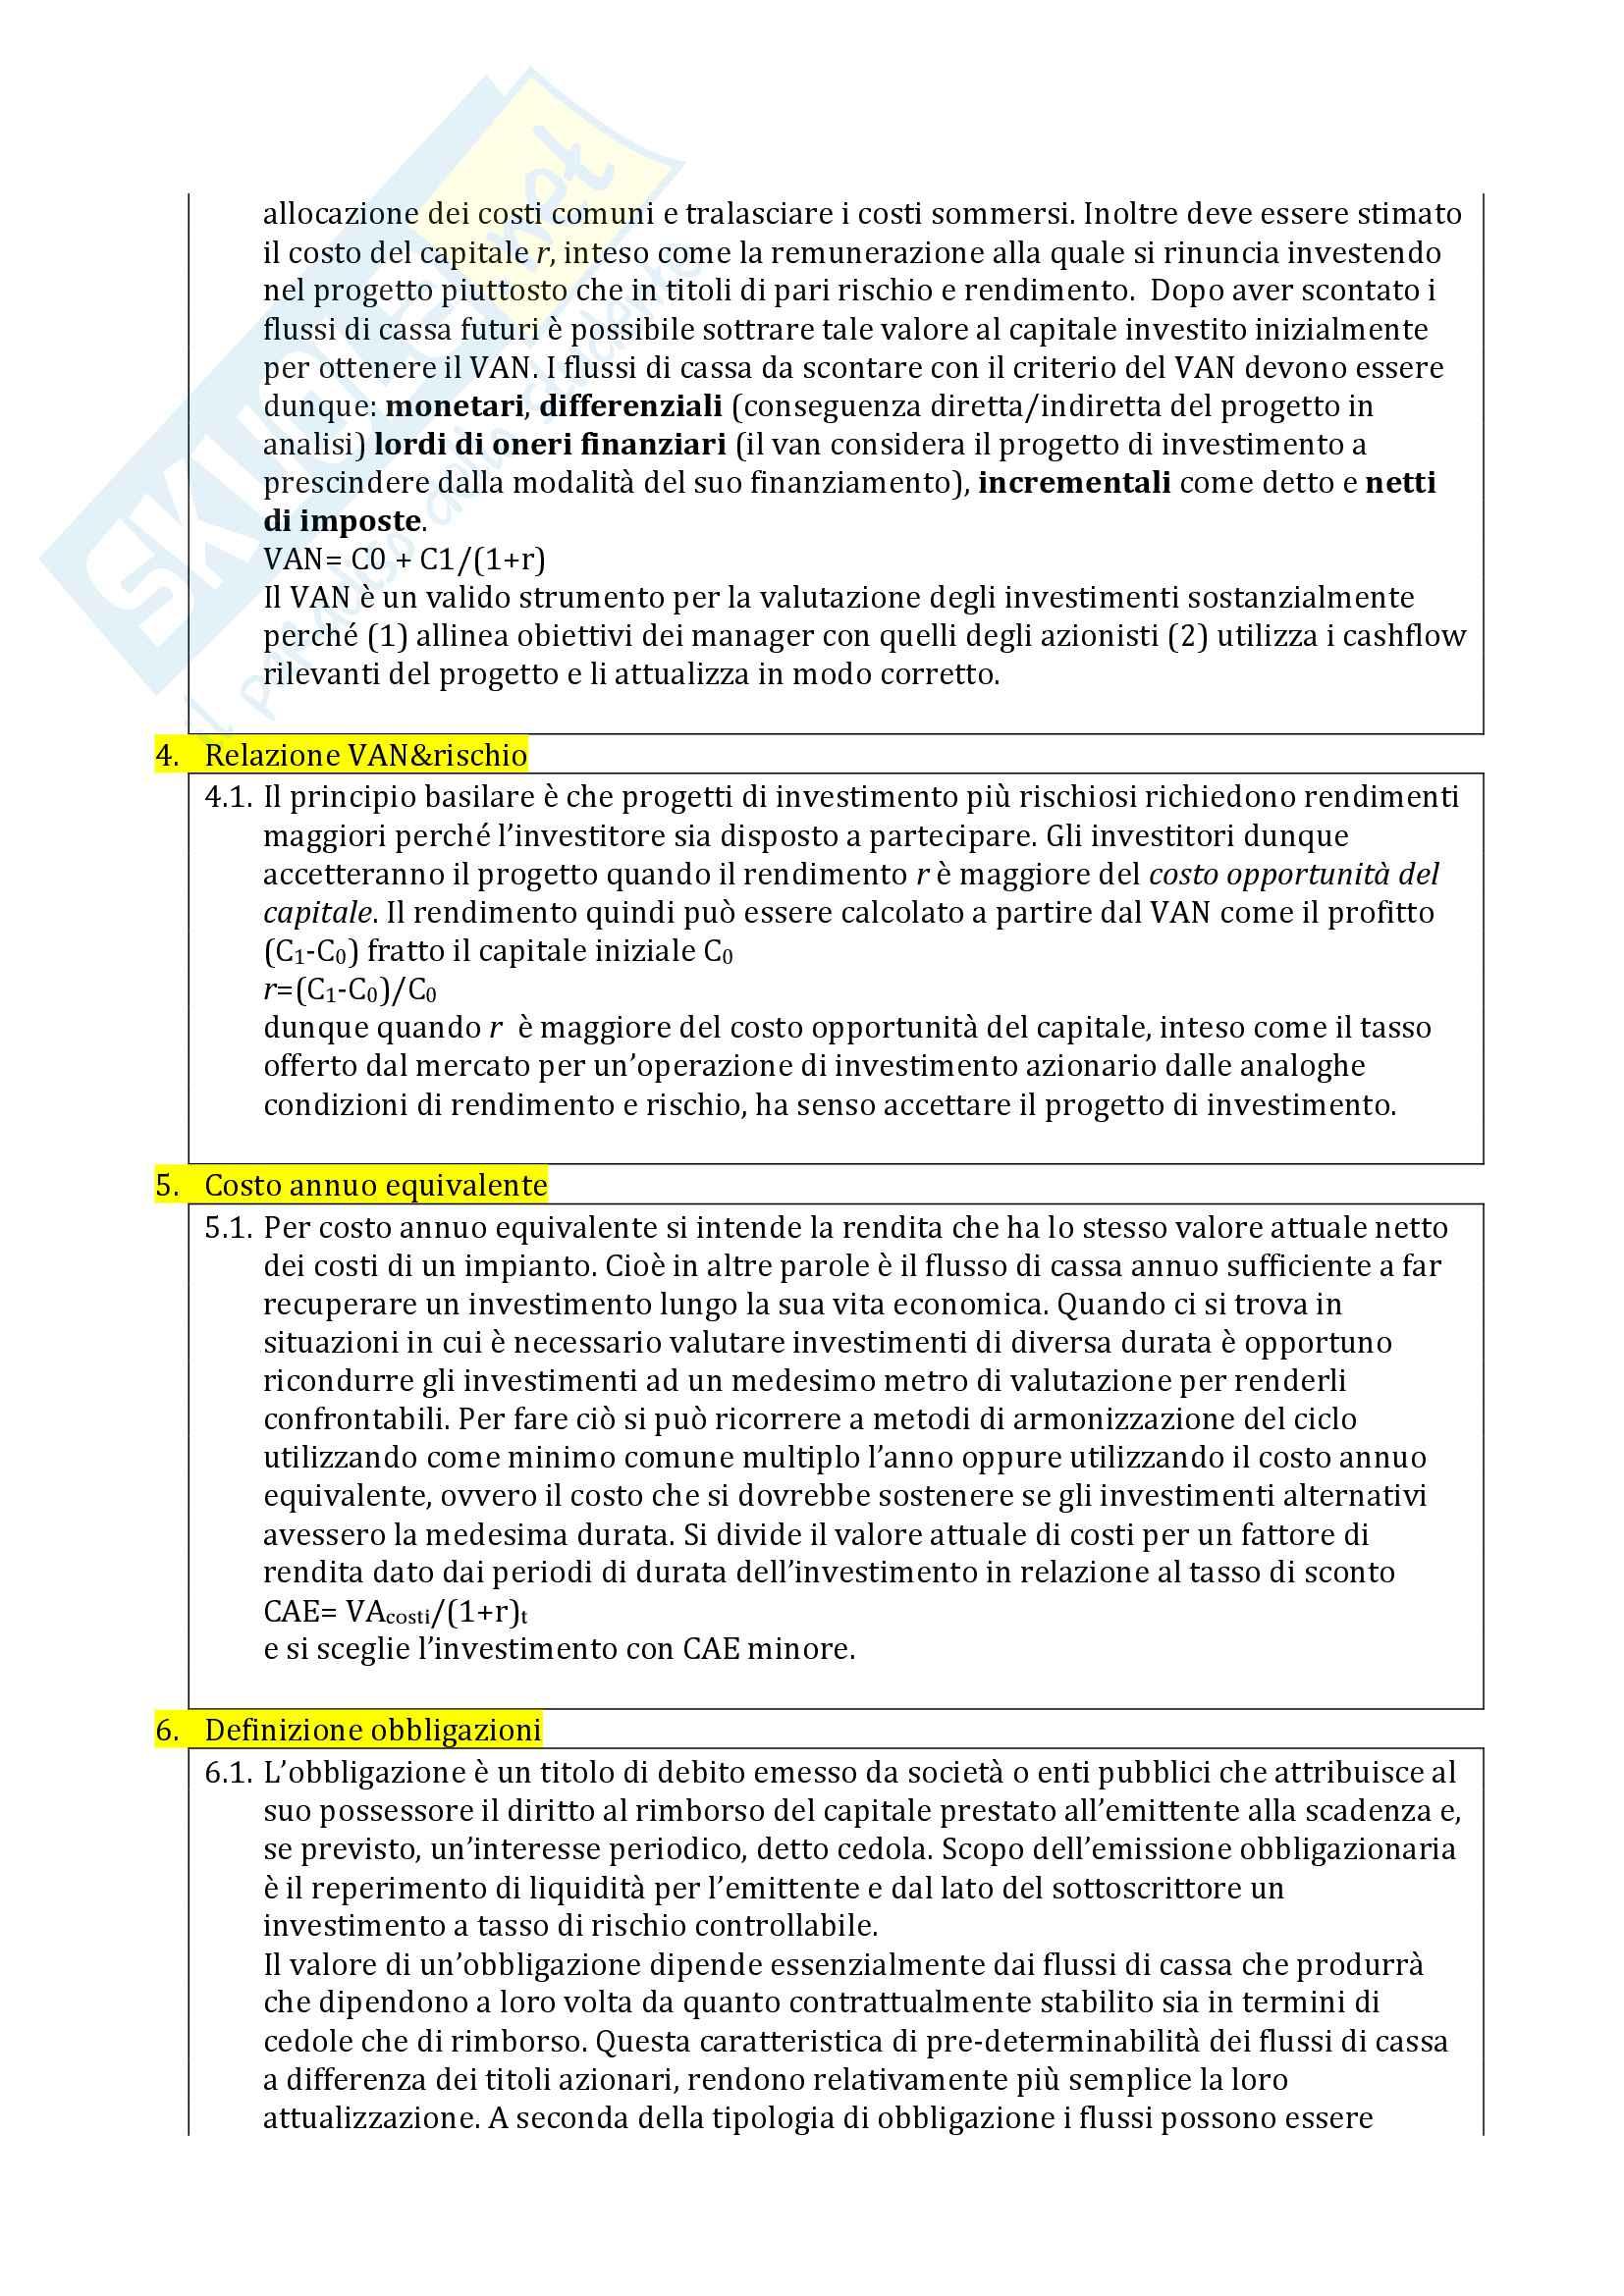 Domande d'esame Finanza aziendale e probabili Pag. 2